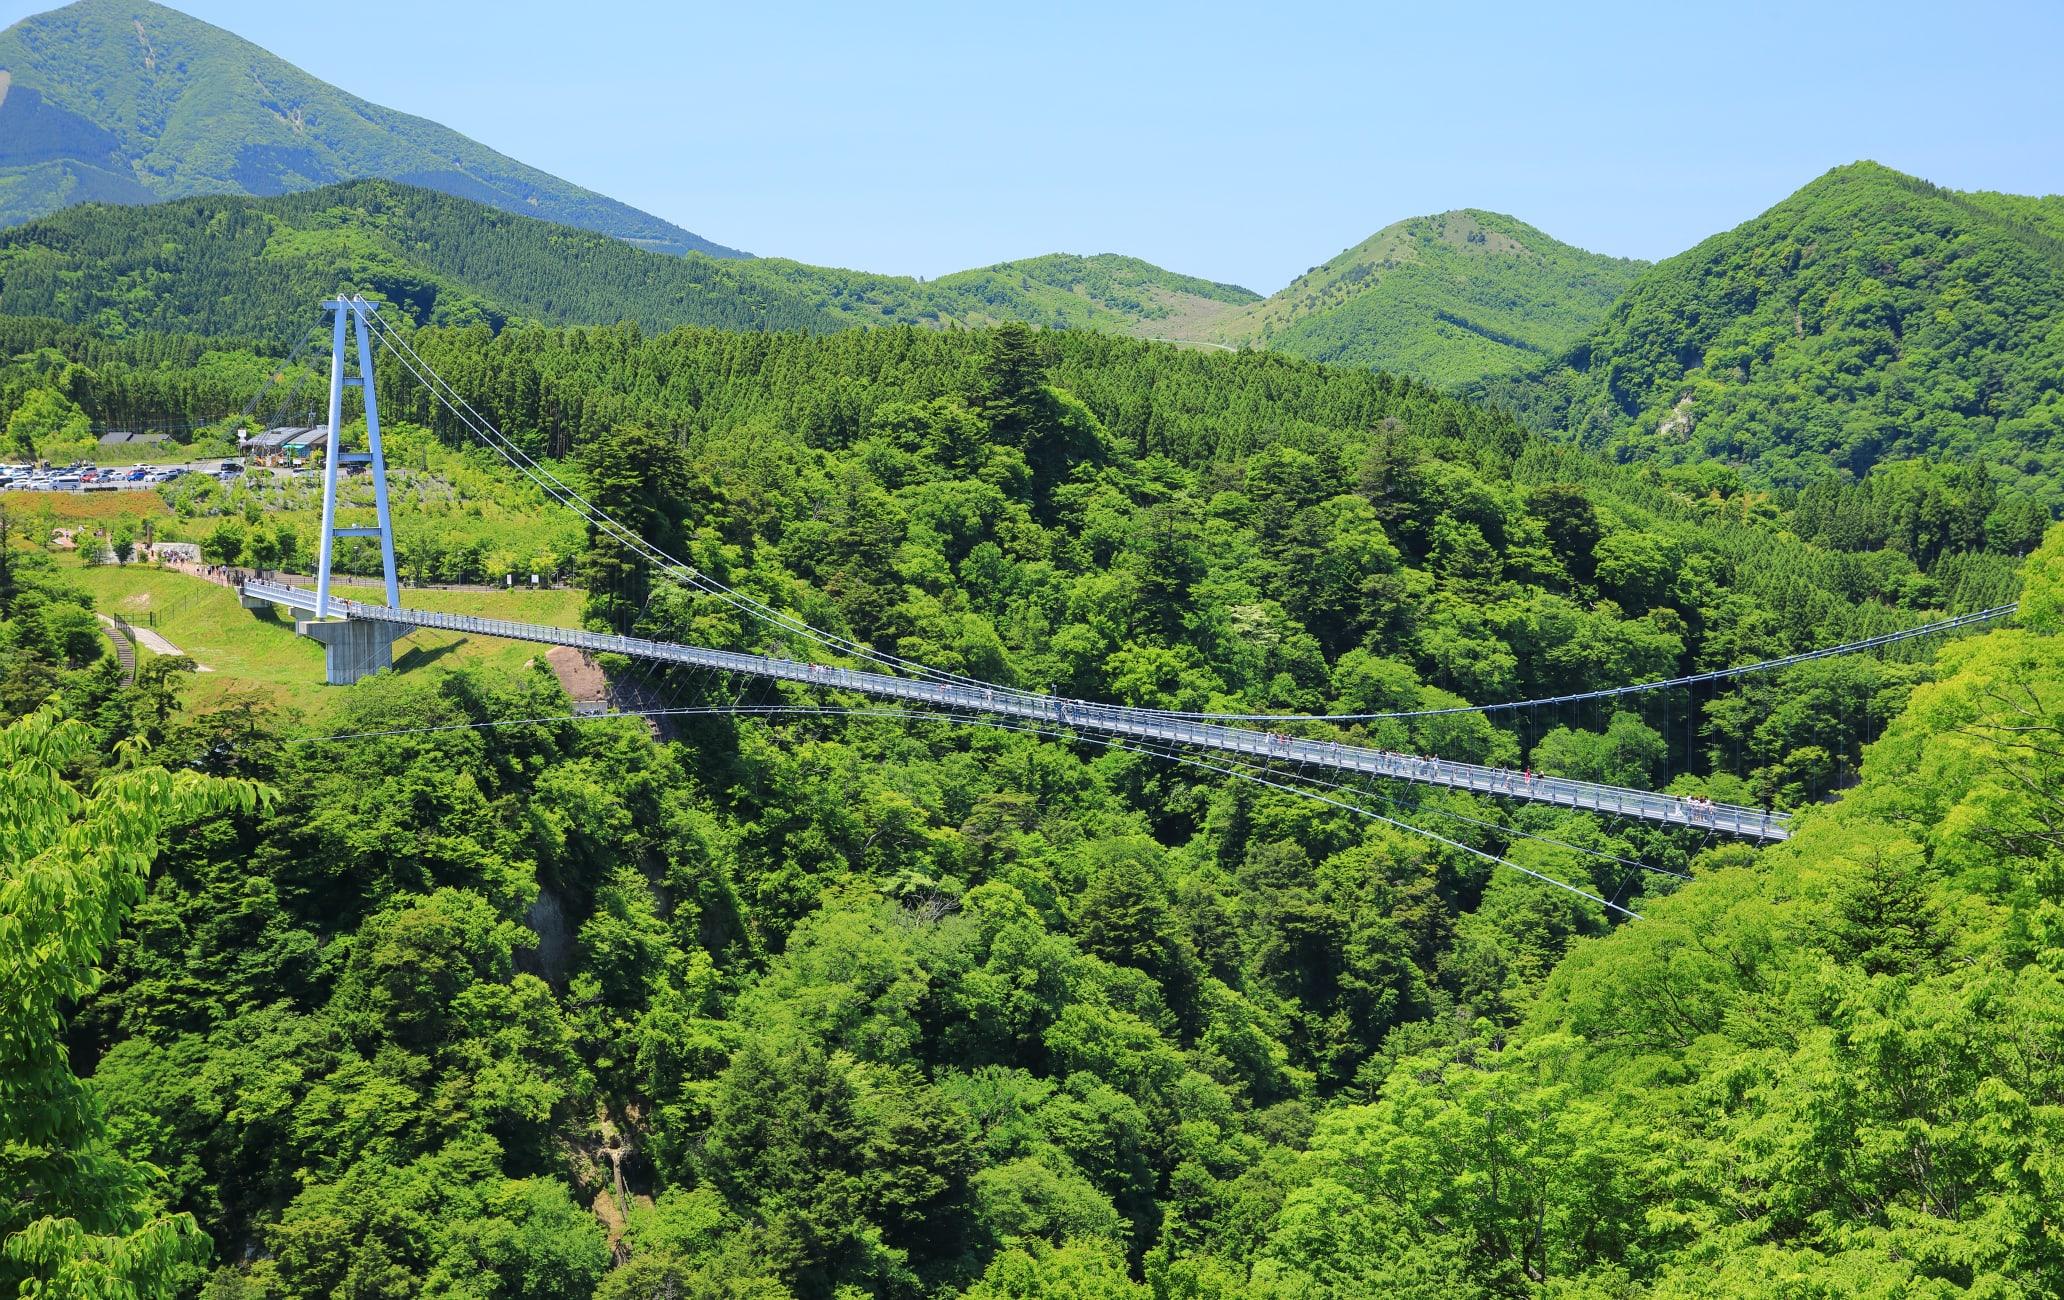 Kokonoe Yume Grand Suspension Bridge